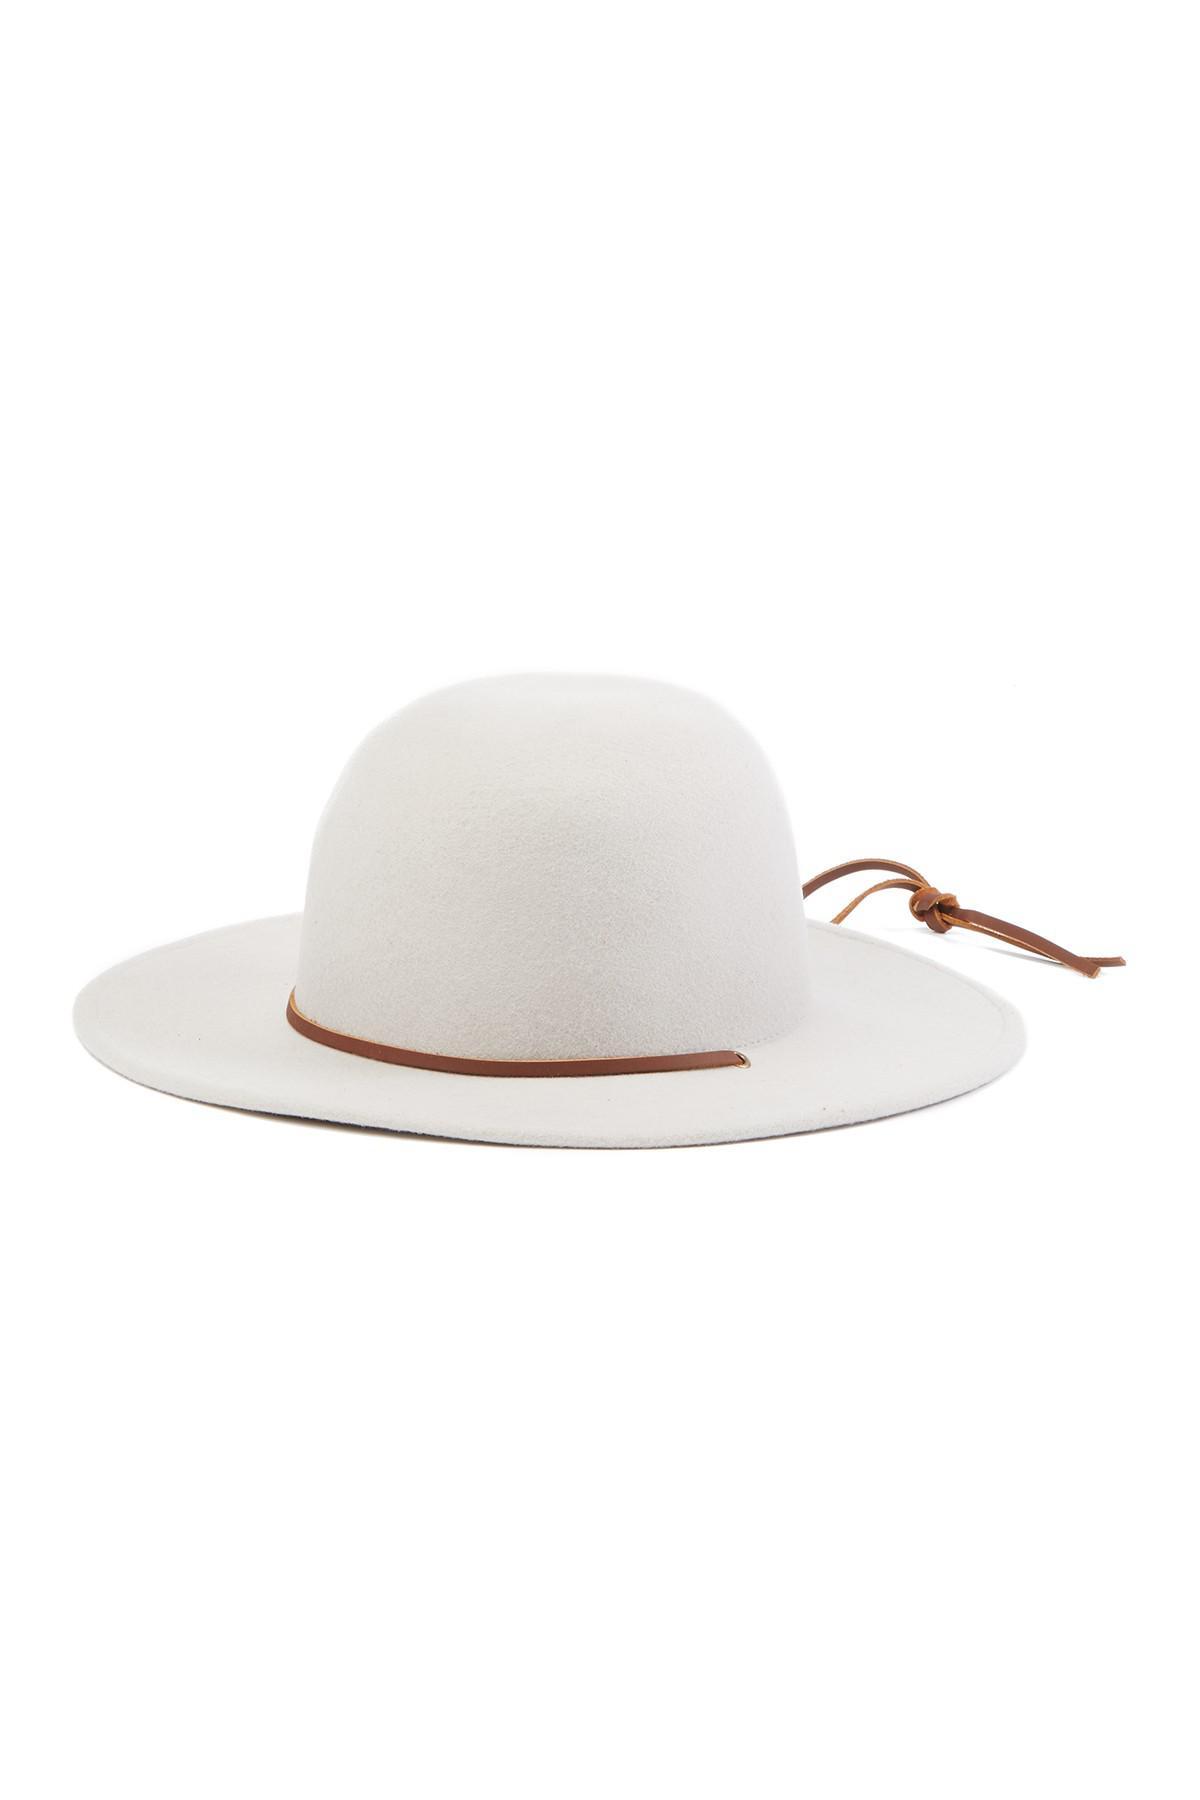 97e865ce63 cheap brixton stroll hat e1041 bf266